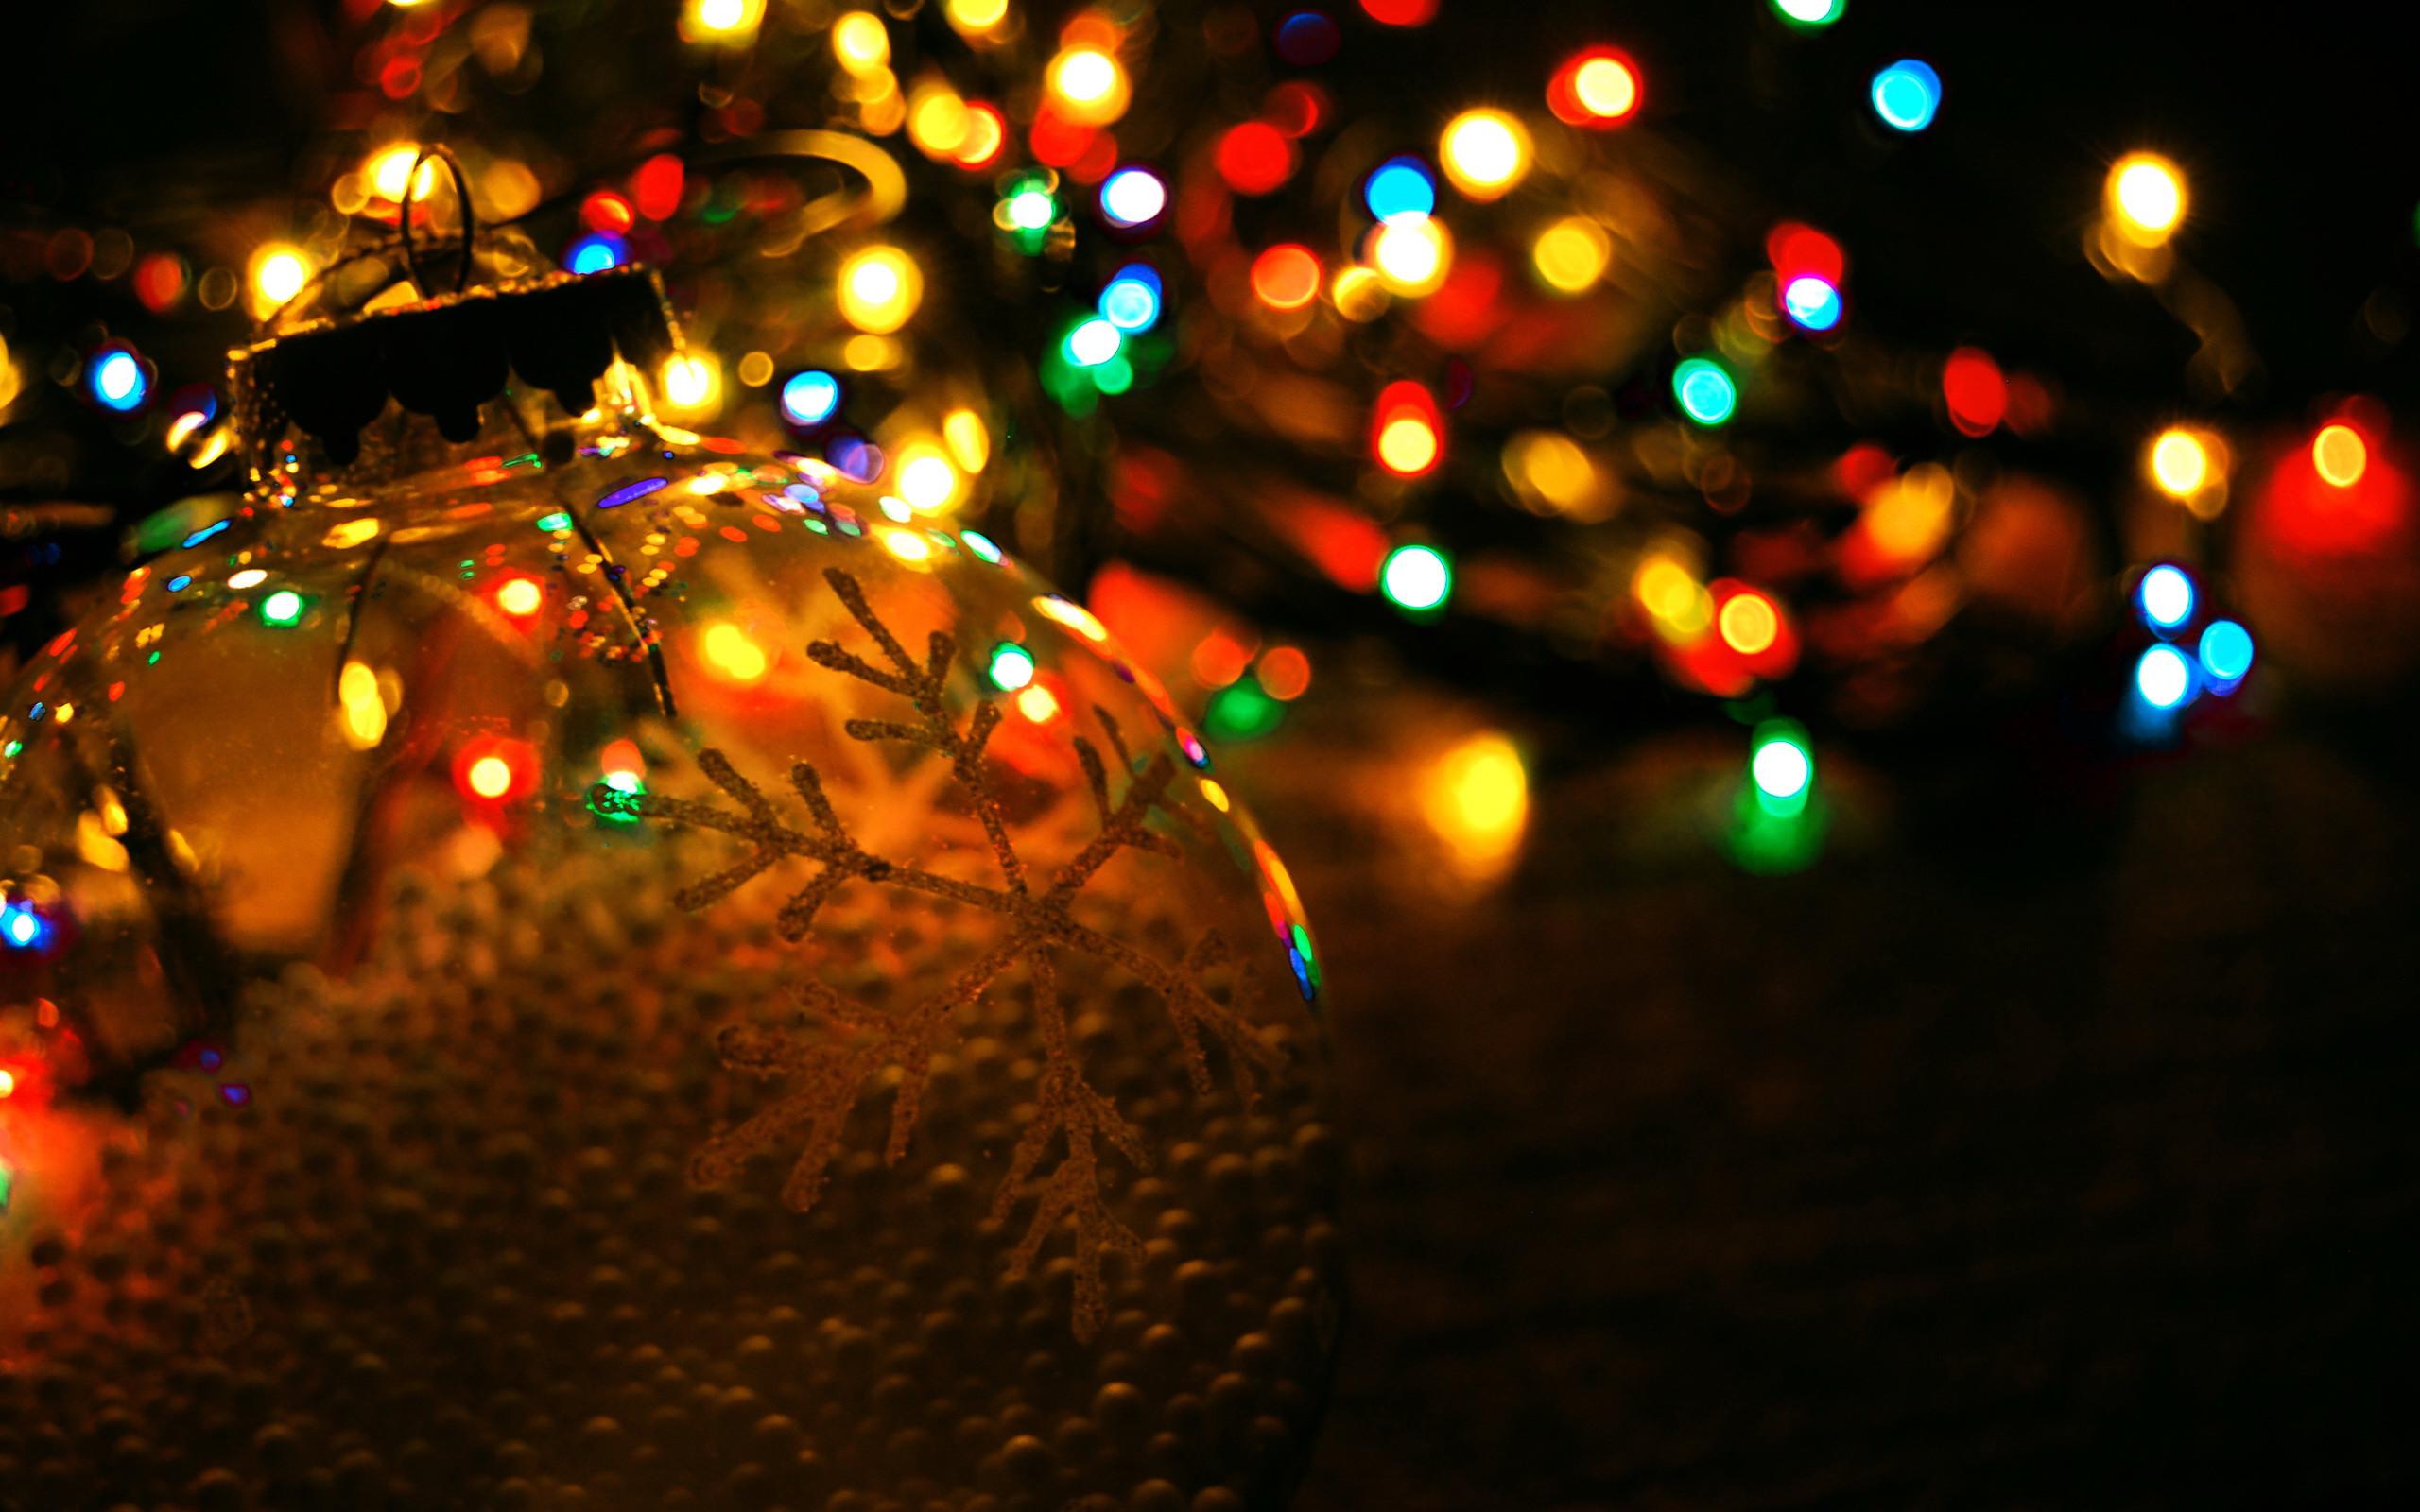 новогодние темы для обоев рабочего стола № 579477 бесплатно